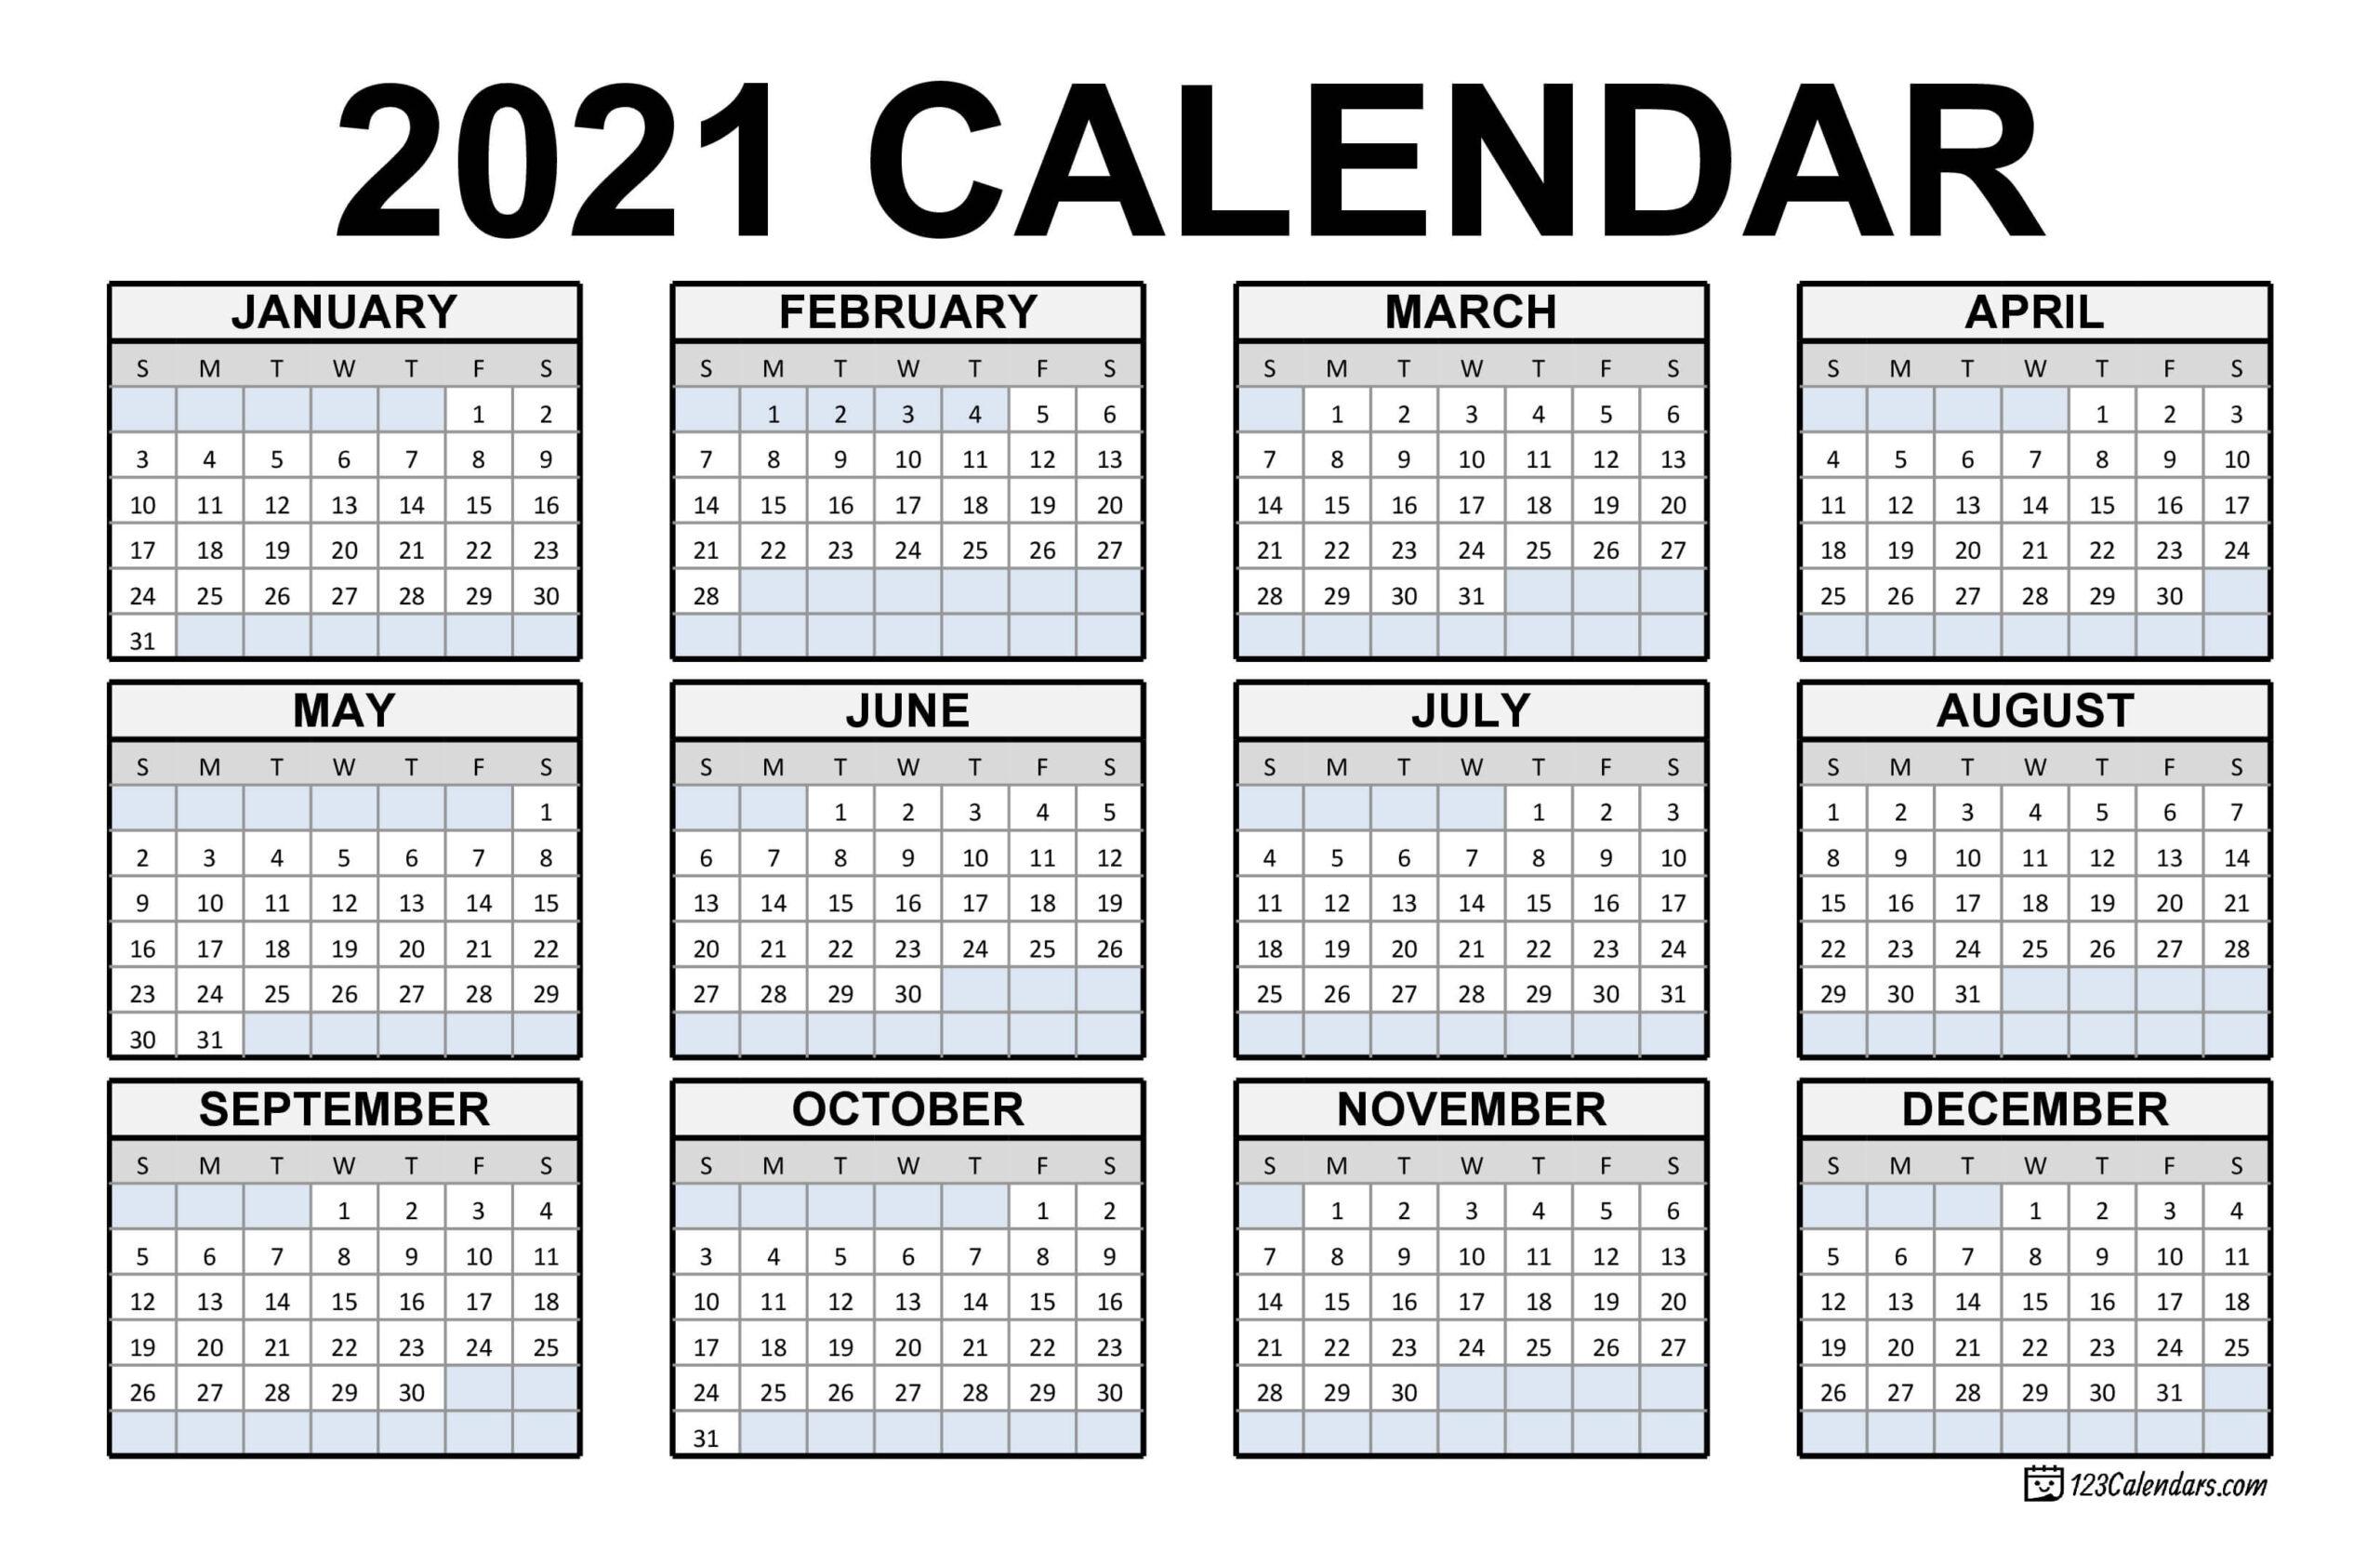 2021 Printable Calendar   123Calendars regarding Calendar 2021 November Fill In